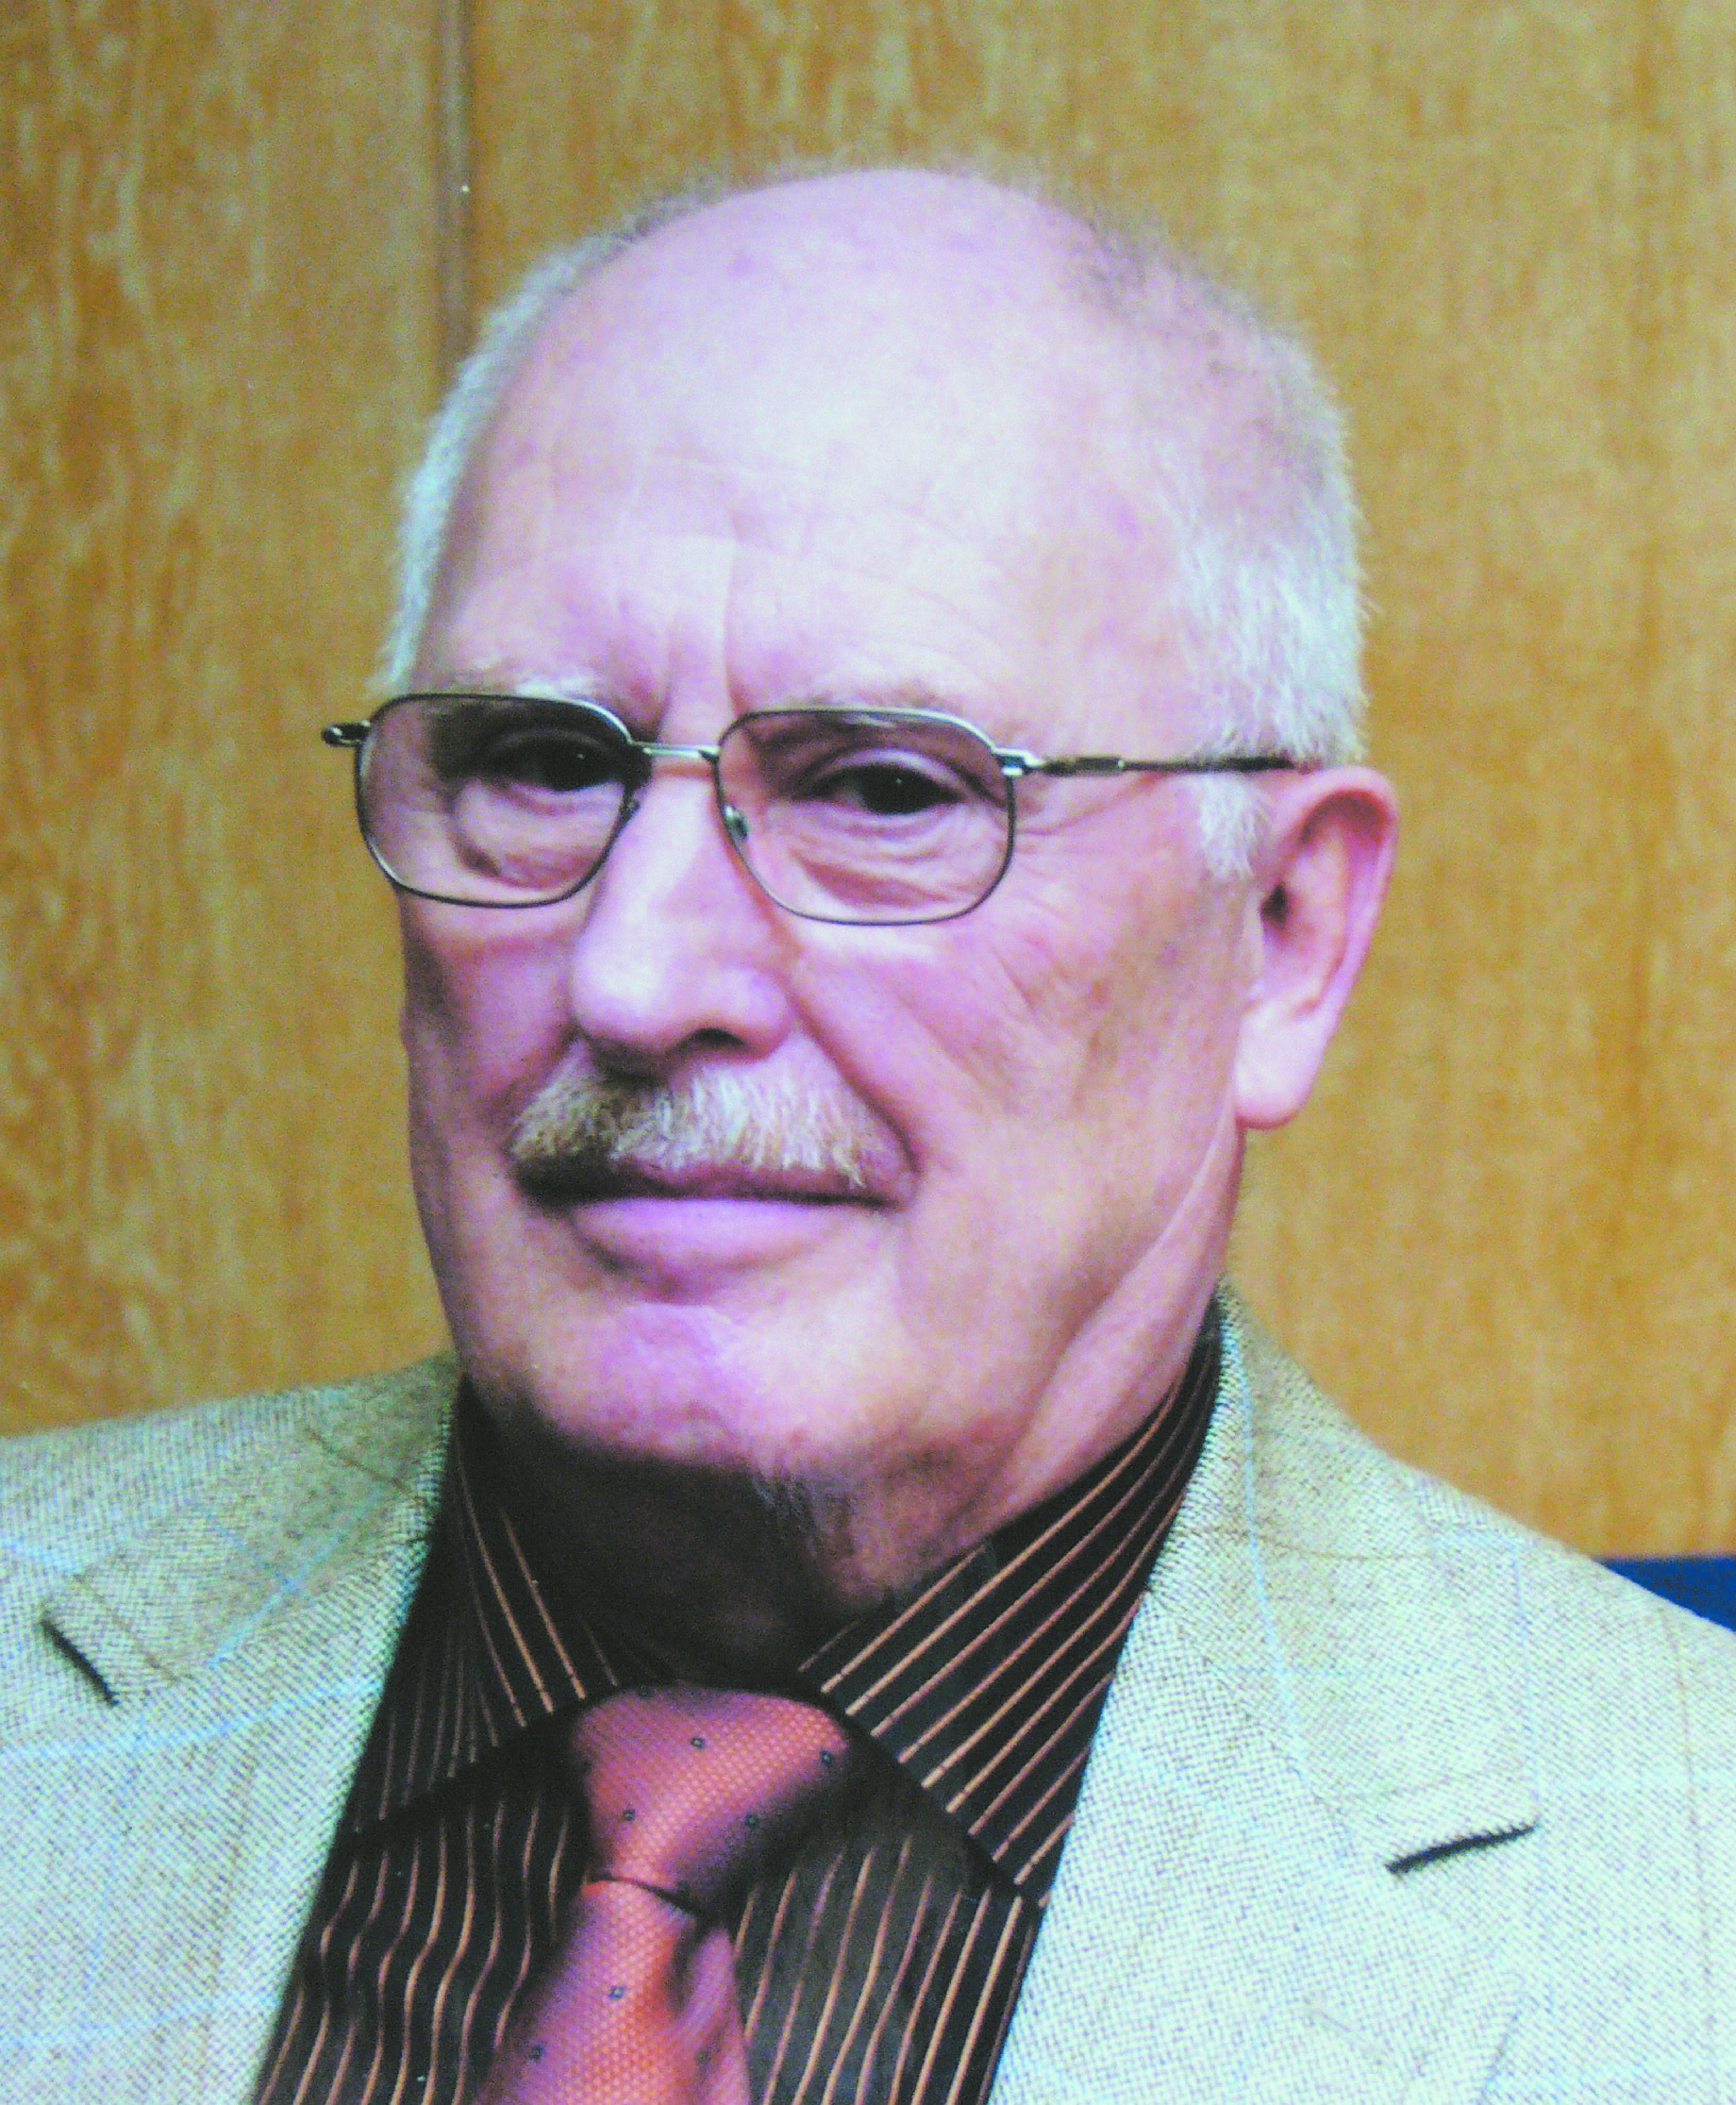 Helmut Schreyer